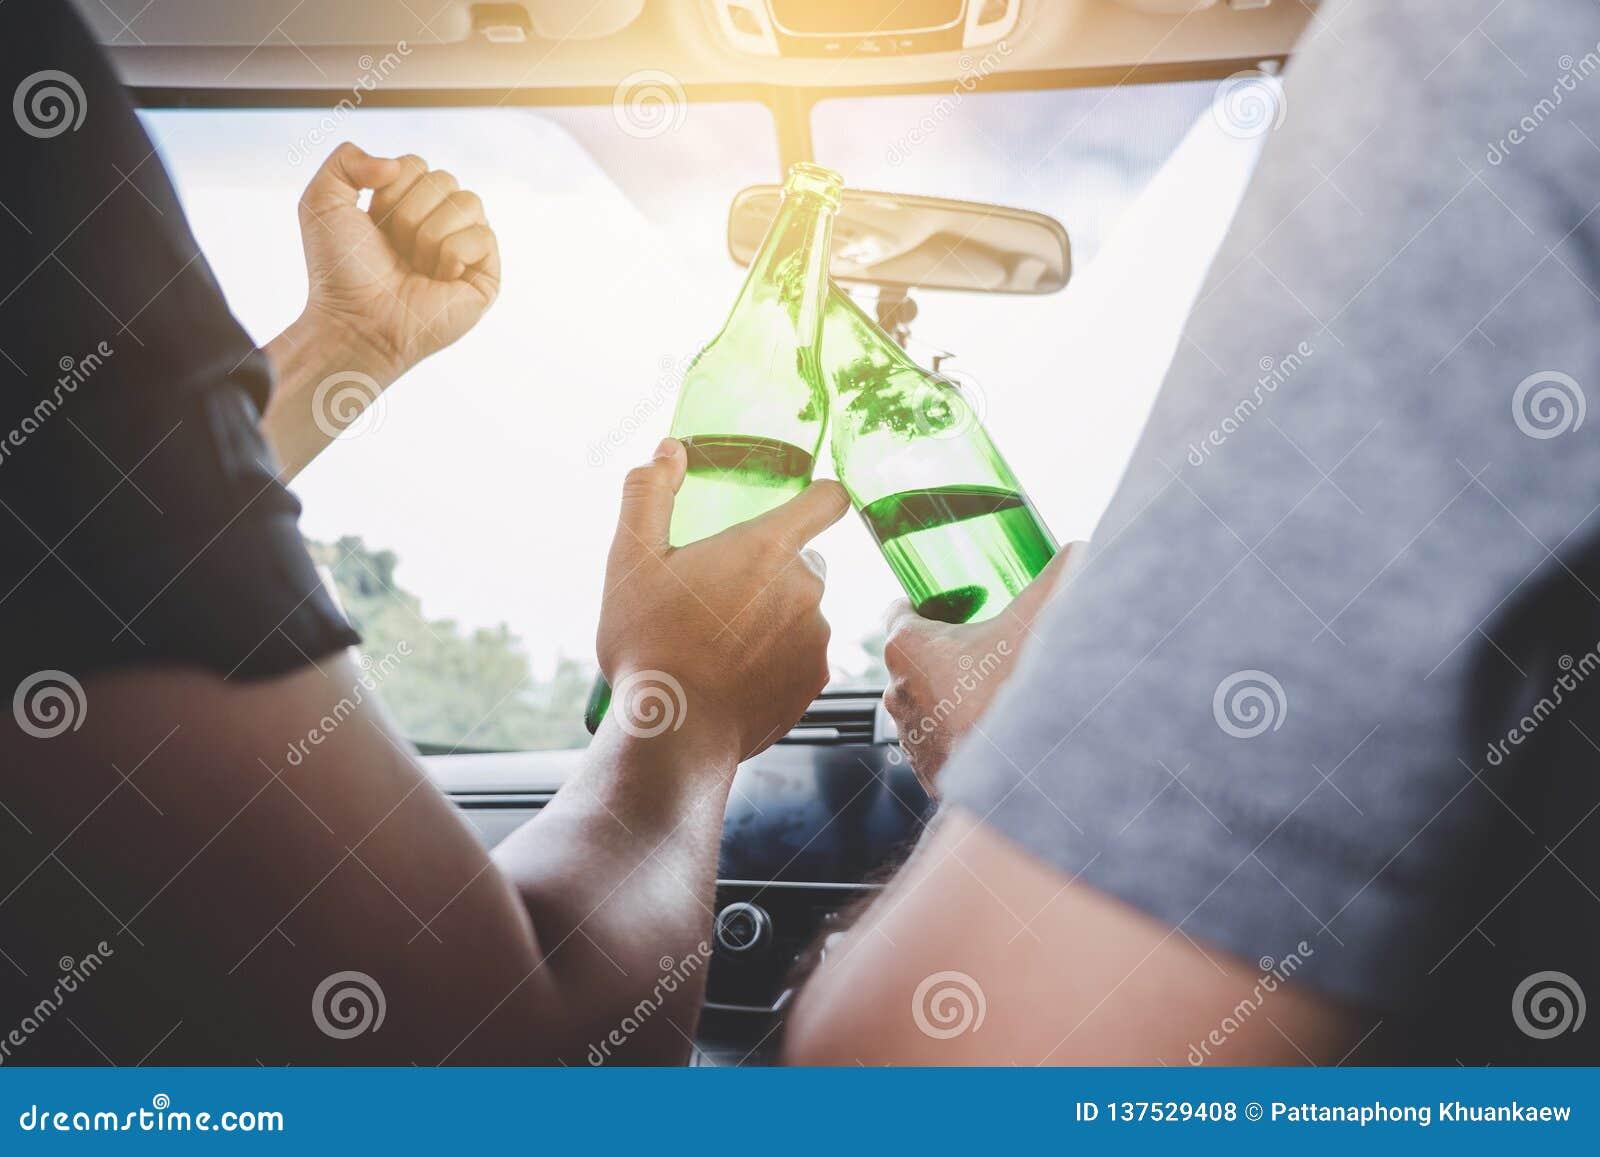 El conducir bajo los efectos consigue en el accidente, dos que el hombre asiático conduce un coche con borracho una botella de al